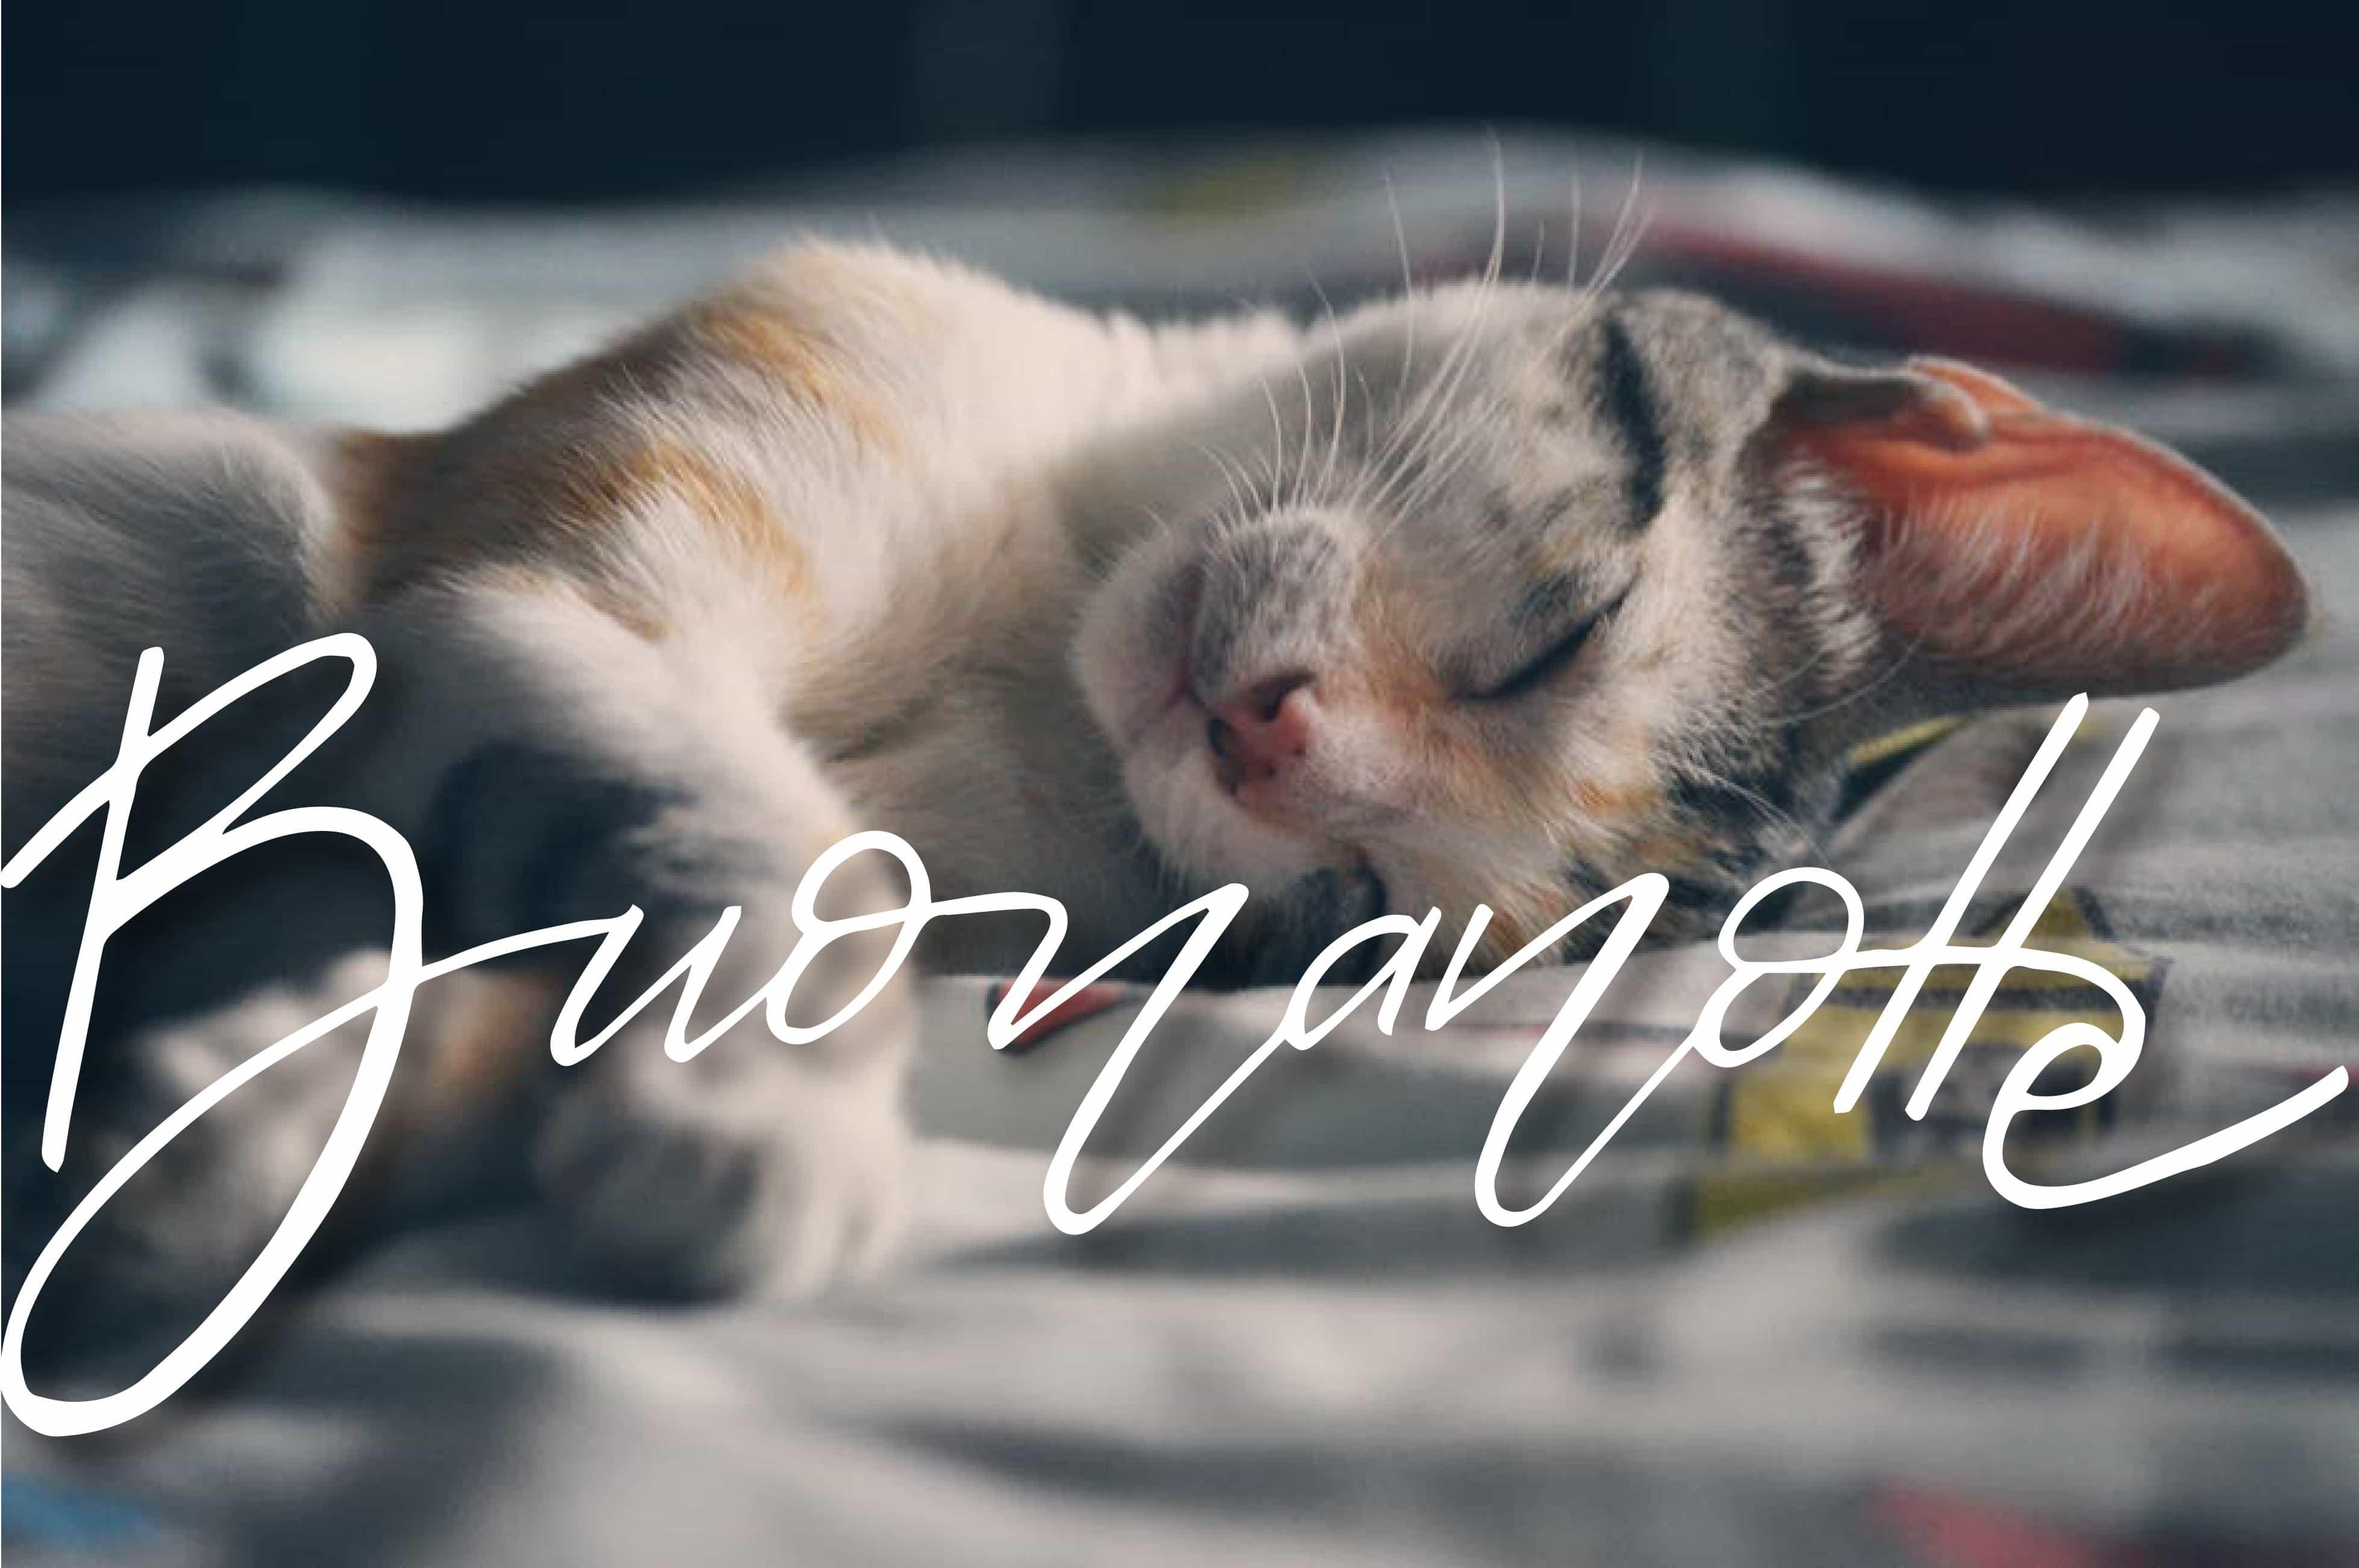 Buonanotte con gattino foto da scaricare